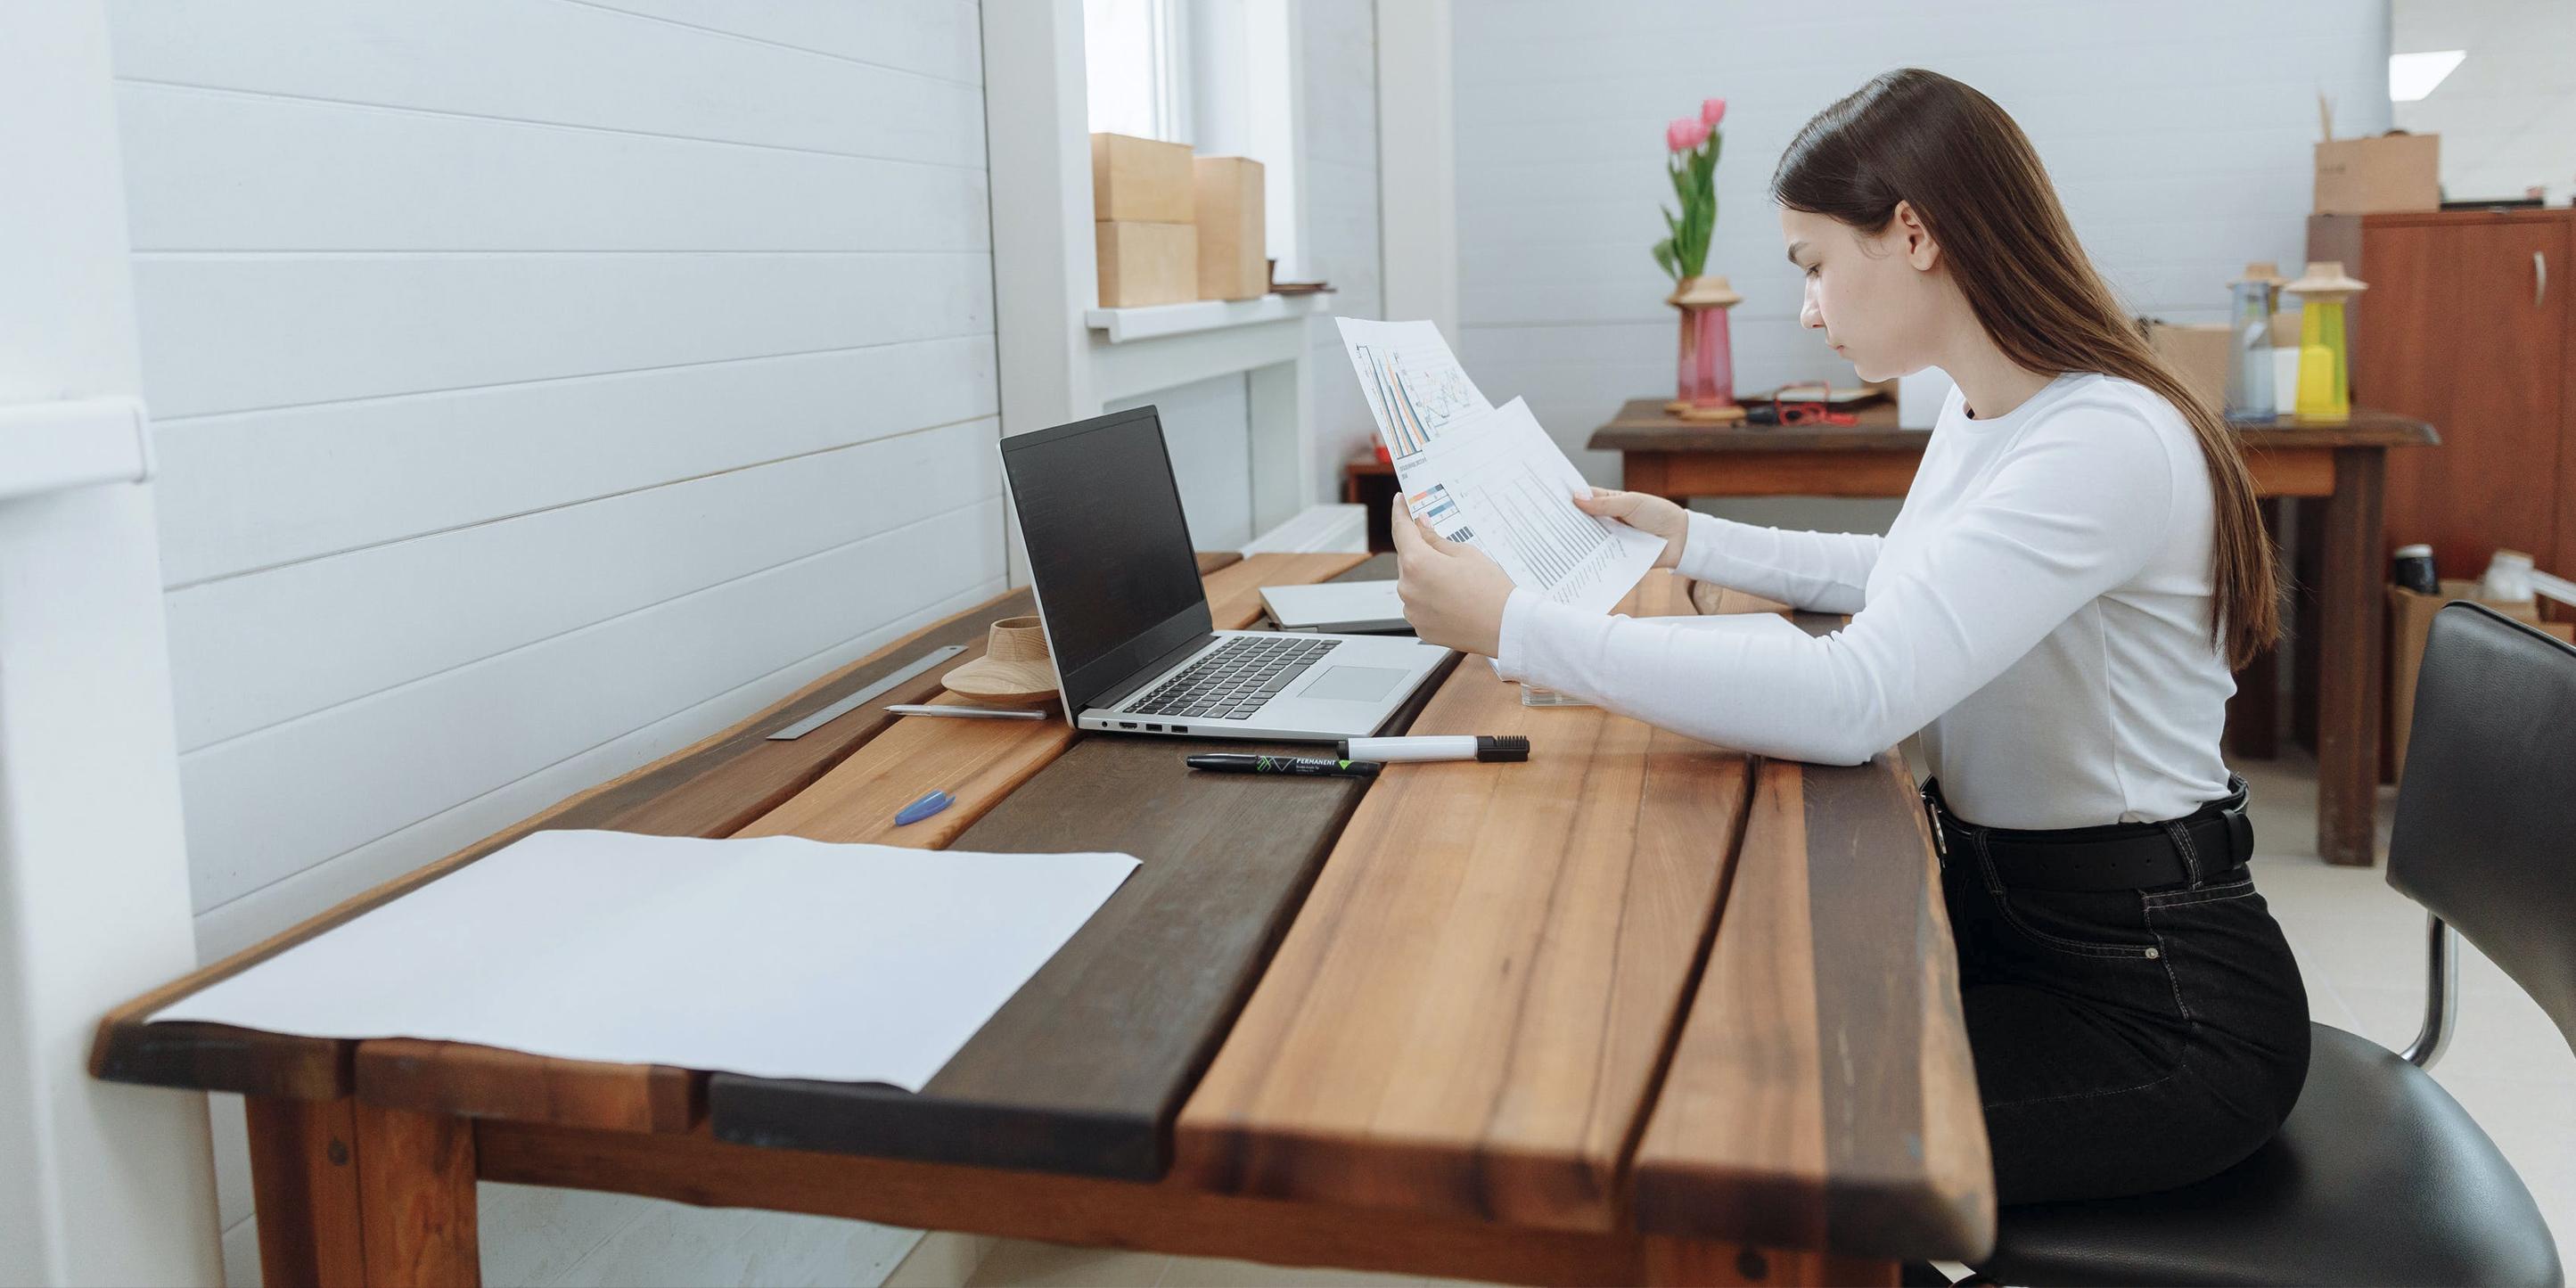 Eine junge Frau sitzt an einem Tisch und blickt auf Dokumente. Diese zeigen verschiedene Diagramme.